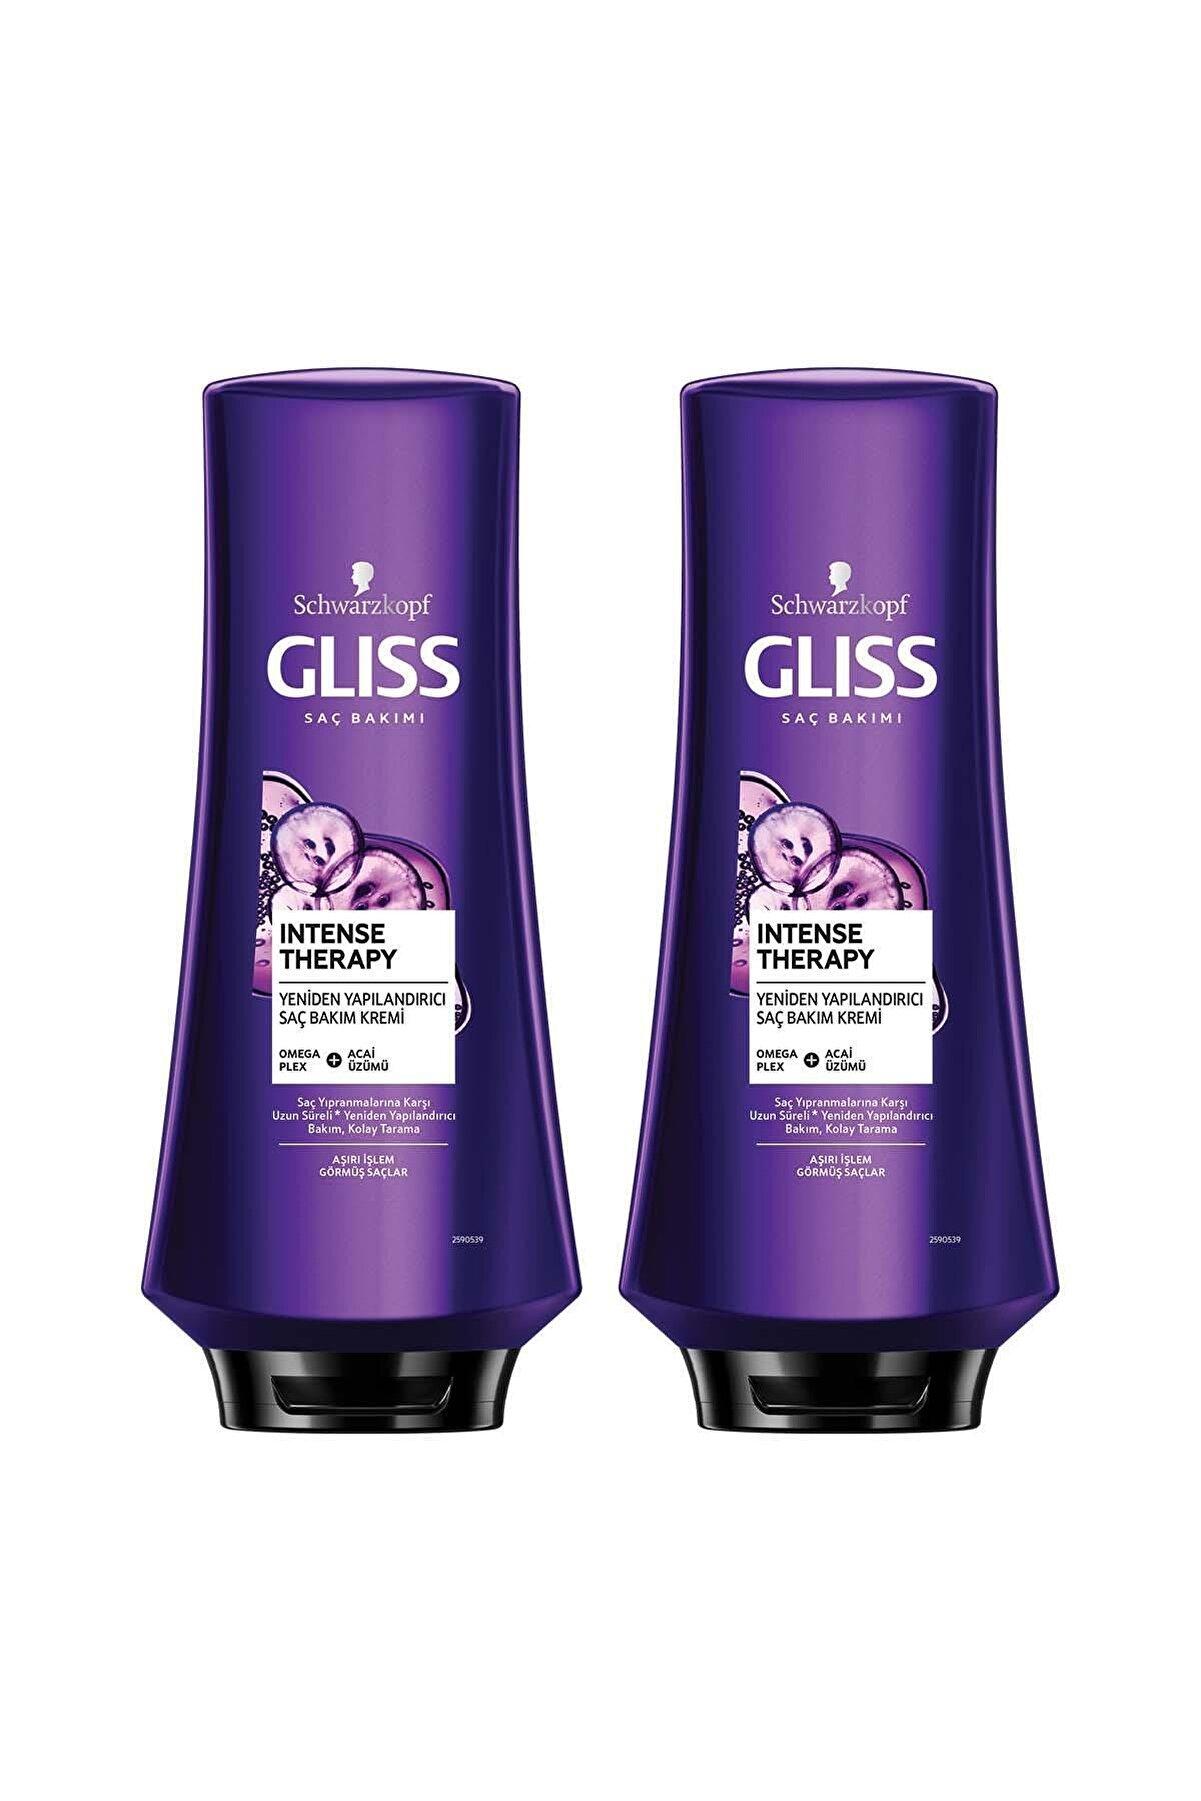 Gliss Intense Therapy Yeniden Yapılandırıcı Saç Kremi 360 ml 2'li